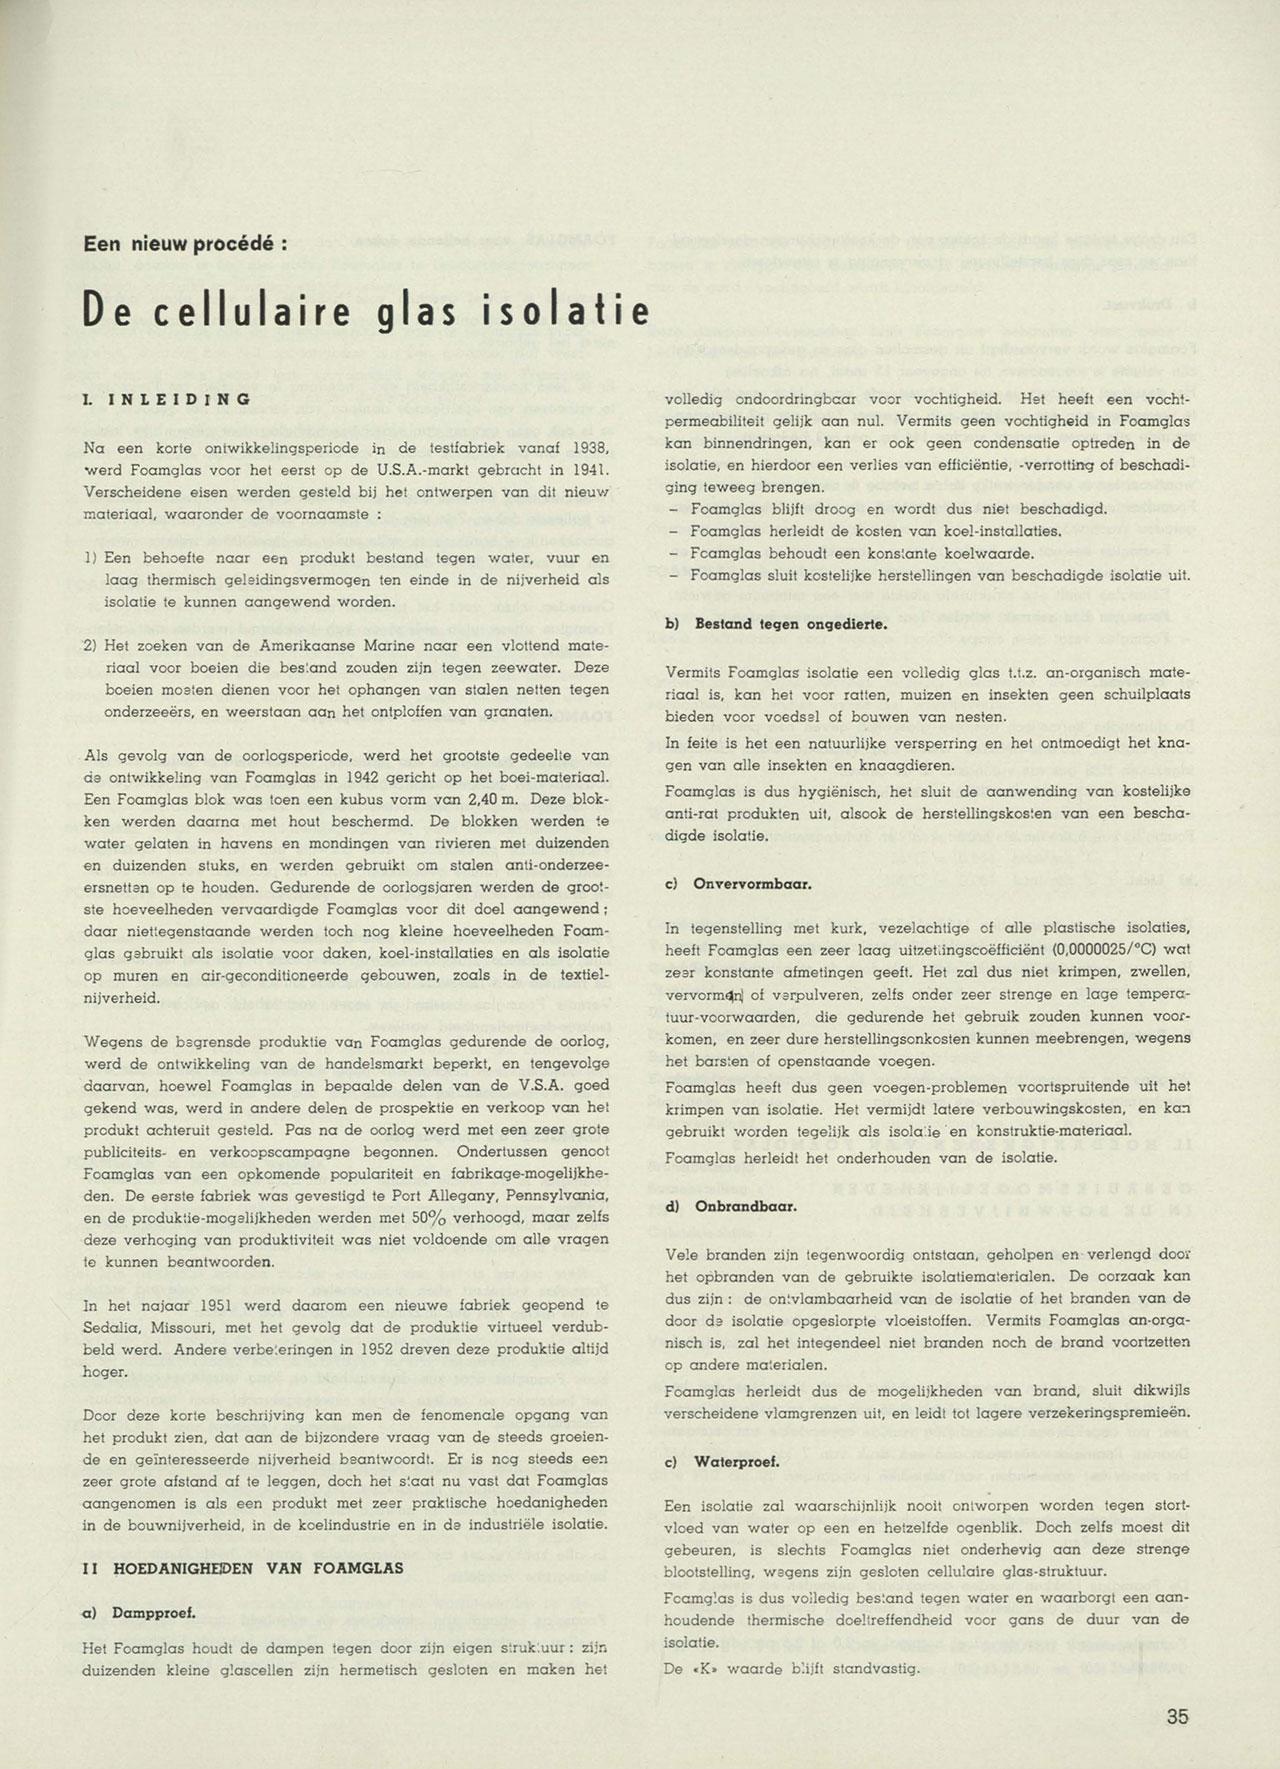 Een nieuw procédé: de cellulaire glas isolatie